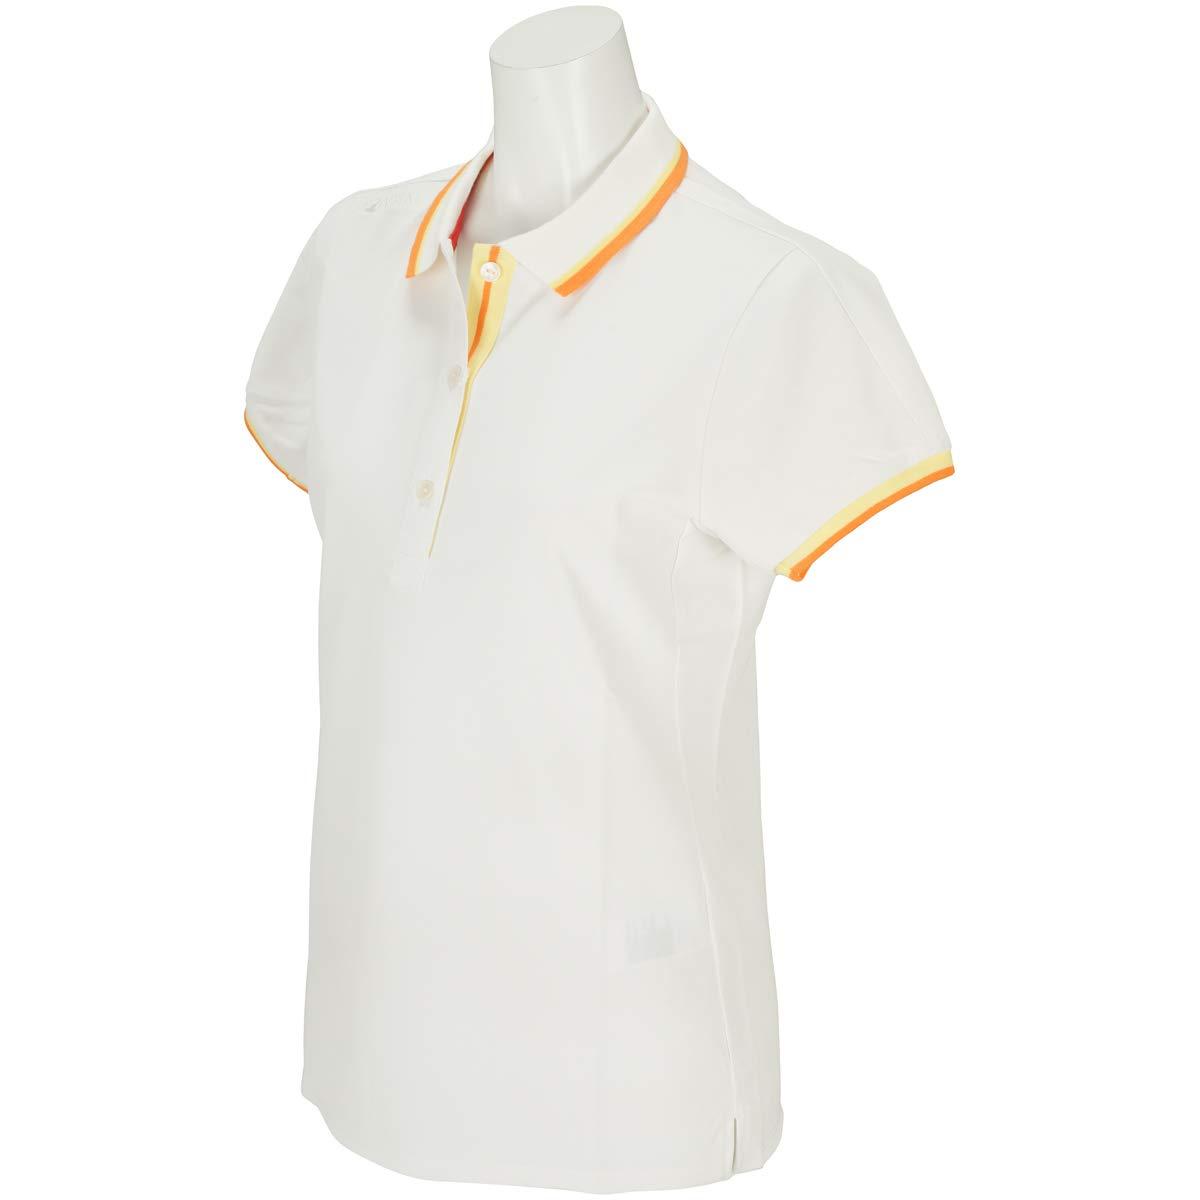 本間ゴルフ HONMA 半袖シャツポロシャツ SIGNATURE LINE 半袖ポロシャツ レディス M ミルキーホワイト B07QKCSRC2